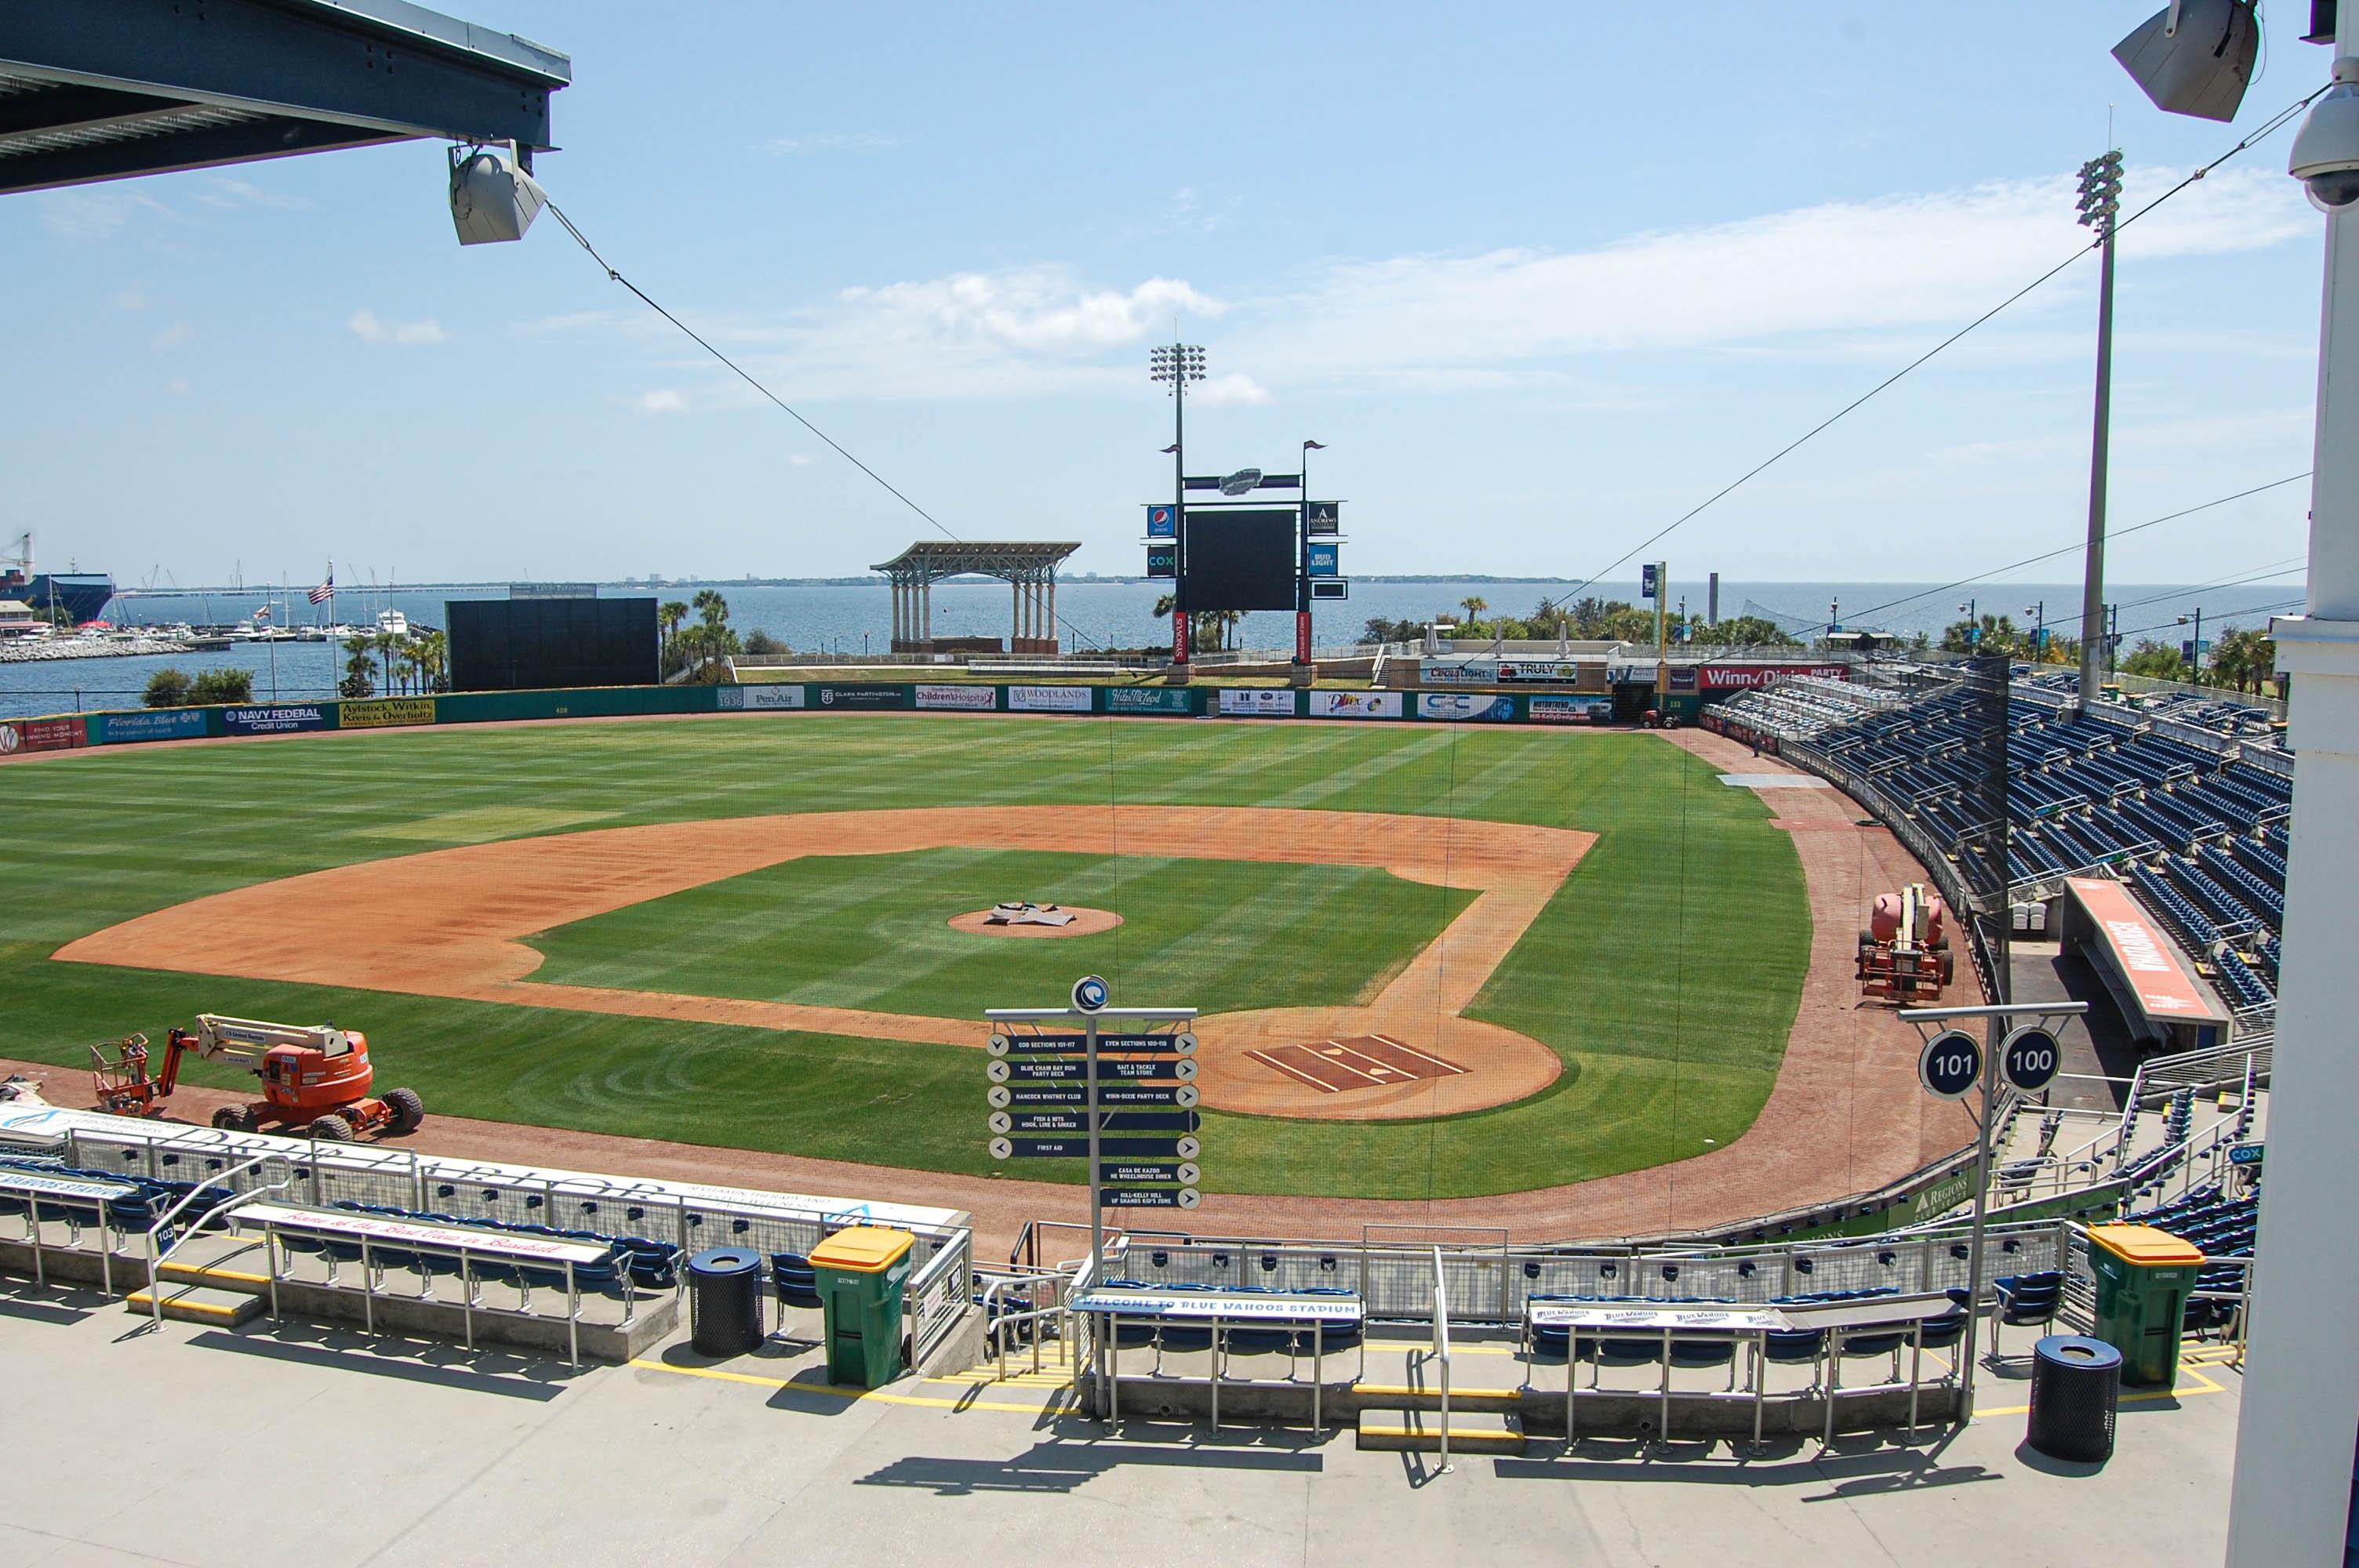 Estadio de béisbol en renta AirBnB